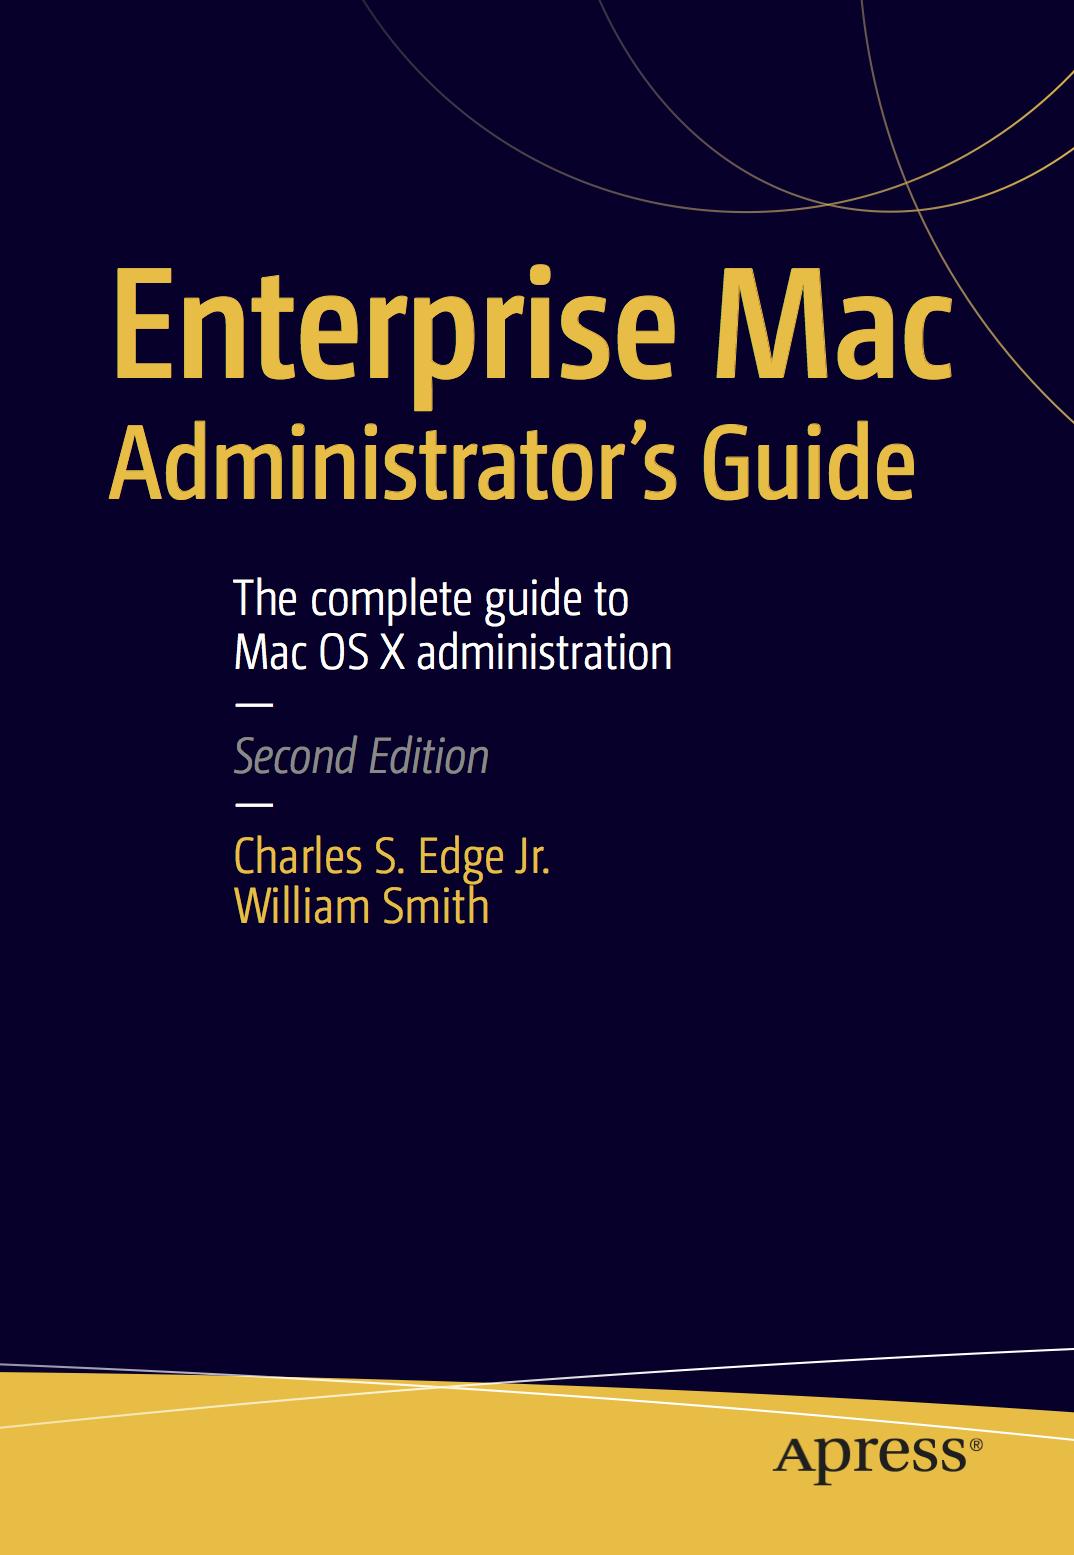 Enterprise Mac Administrator's Guide - University of Utah